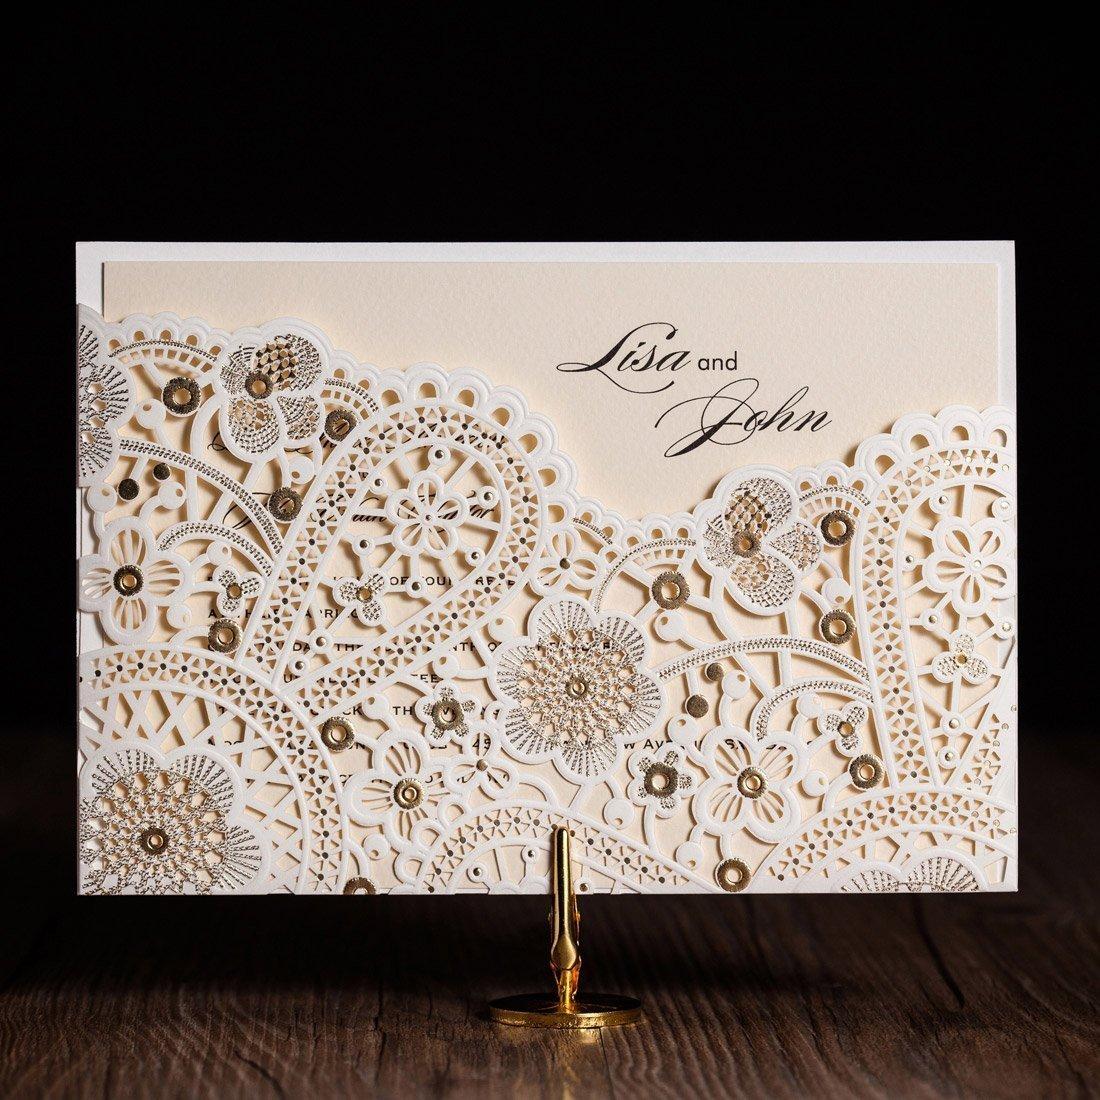 VStoy Laser Cut-Inviti matrimonio, motivo floreale elegante Champagne Gold Biglietti di invito per feste con buste, carta per imballo e 20 guarnizioni